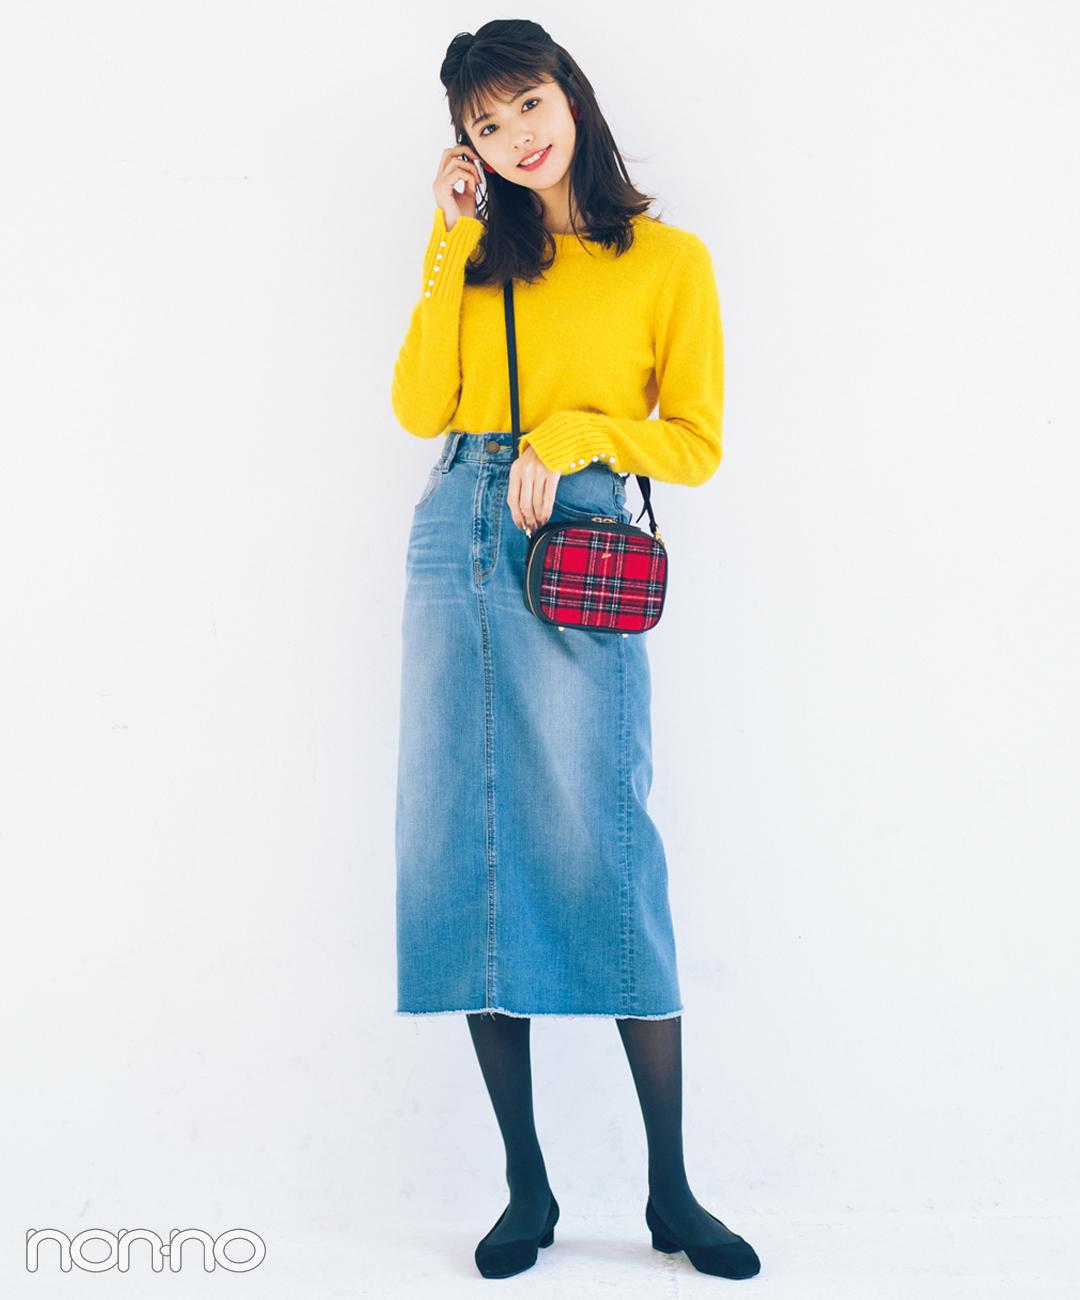 【デニムスカートコーデ1】ヴィンテージ風ウォッシュ×チャコールタイツ&黒パンプス